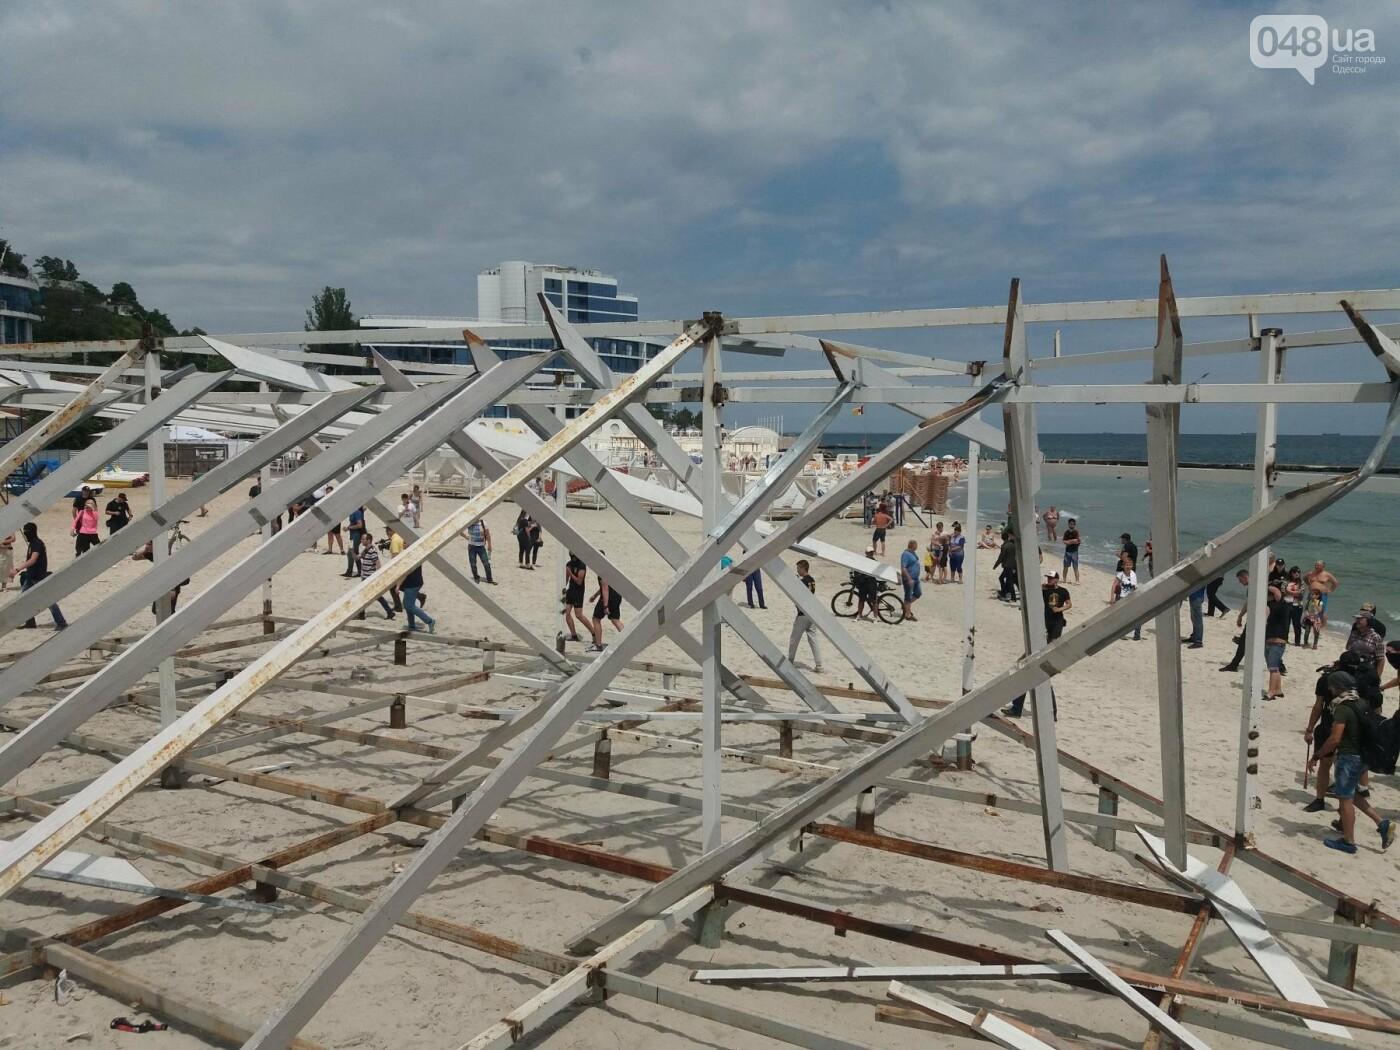 На Одесском пляже прошла акция по демонтажу незаконного сооружения, - ФОТО, ВИДЕО, фото-2